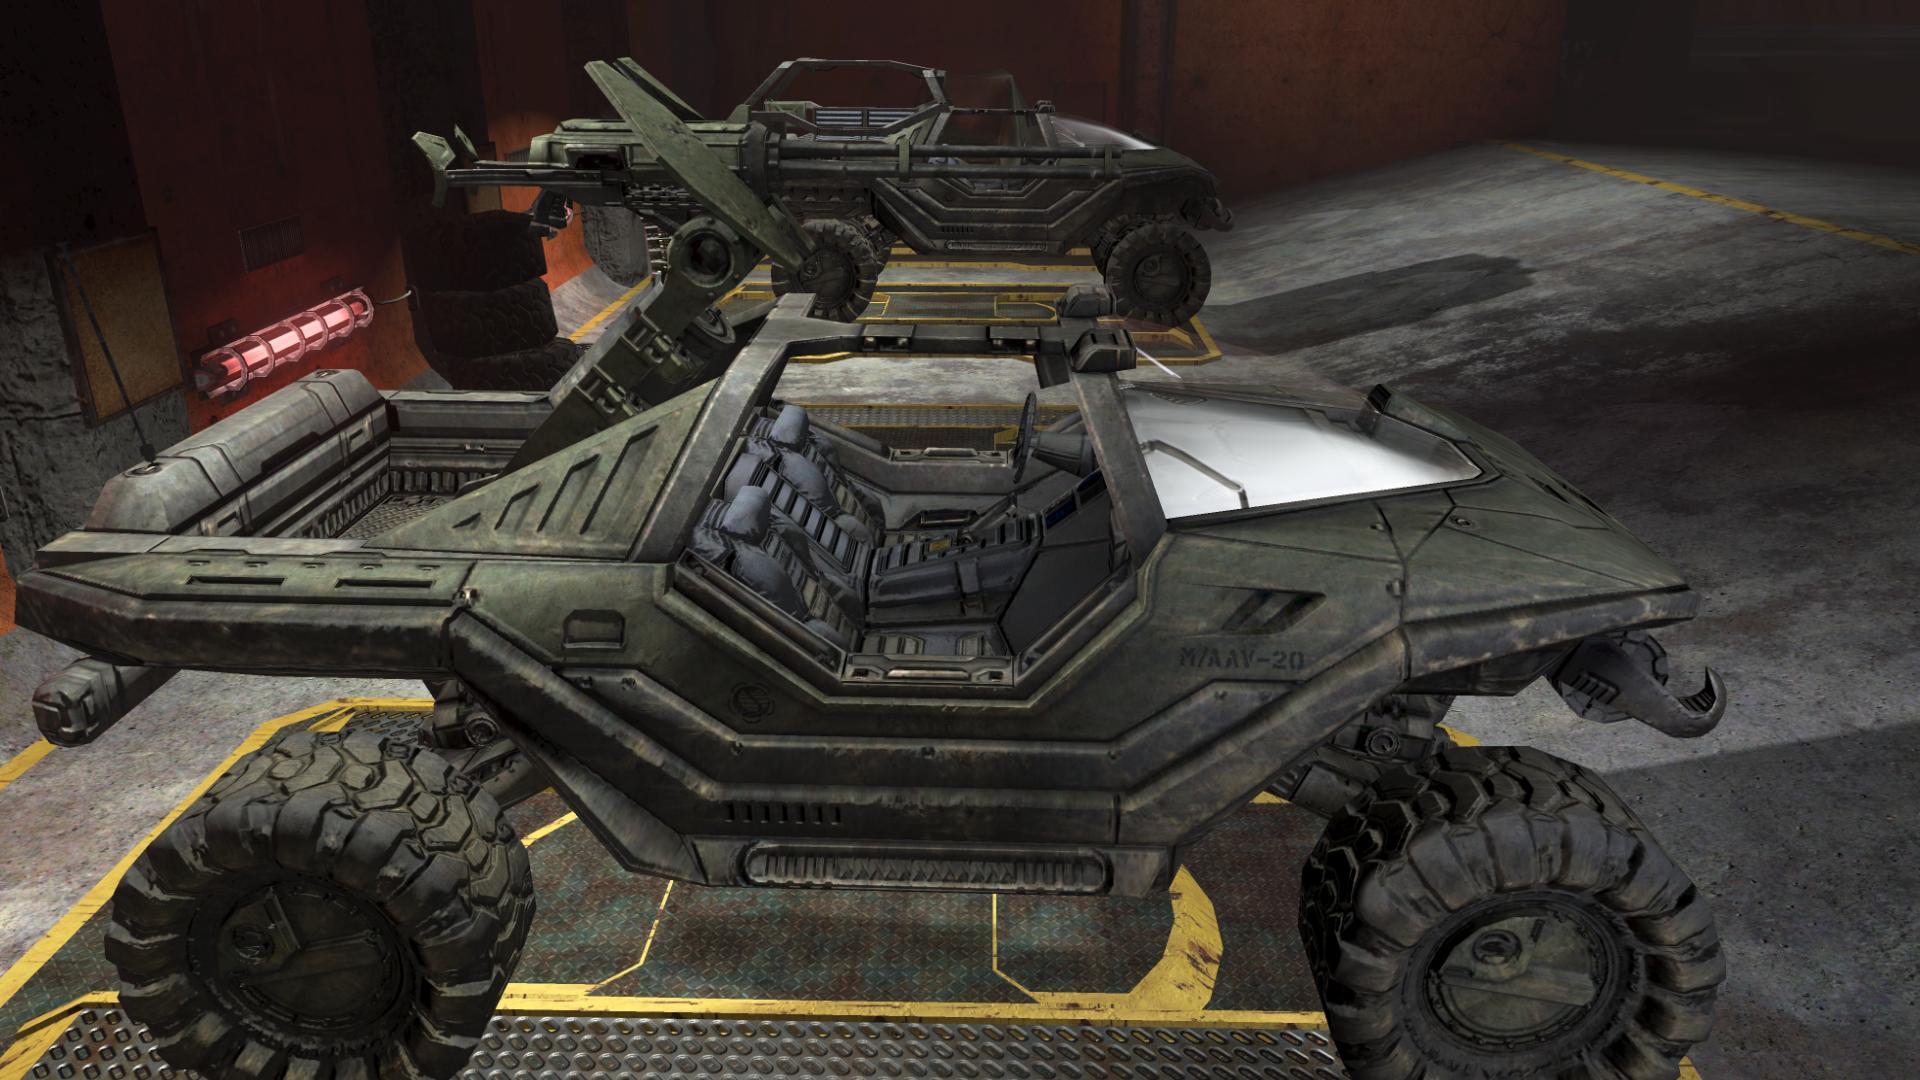 1521486946 eb8180bc02 o Halo 3: Warthog